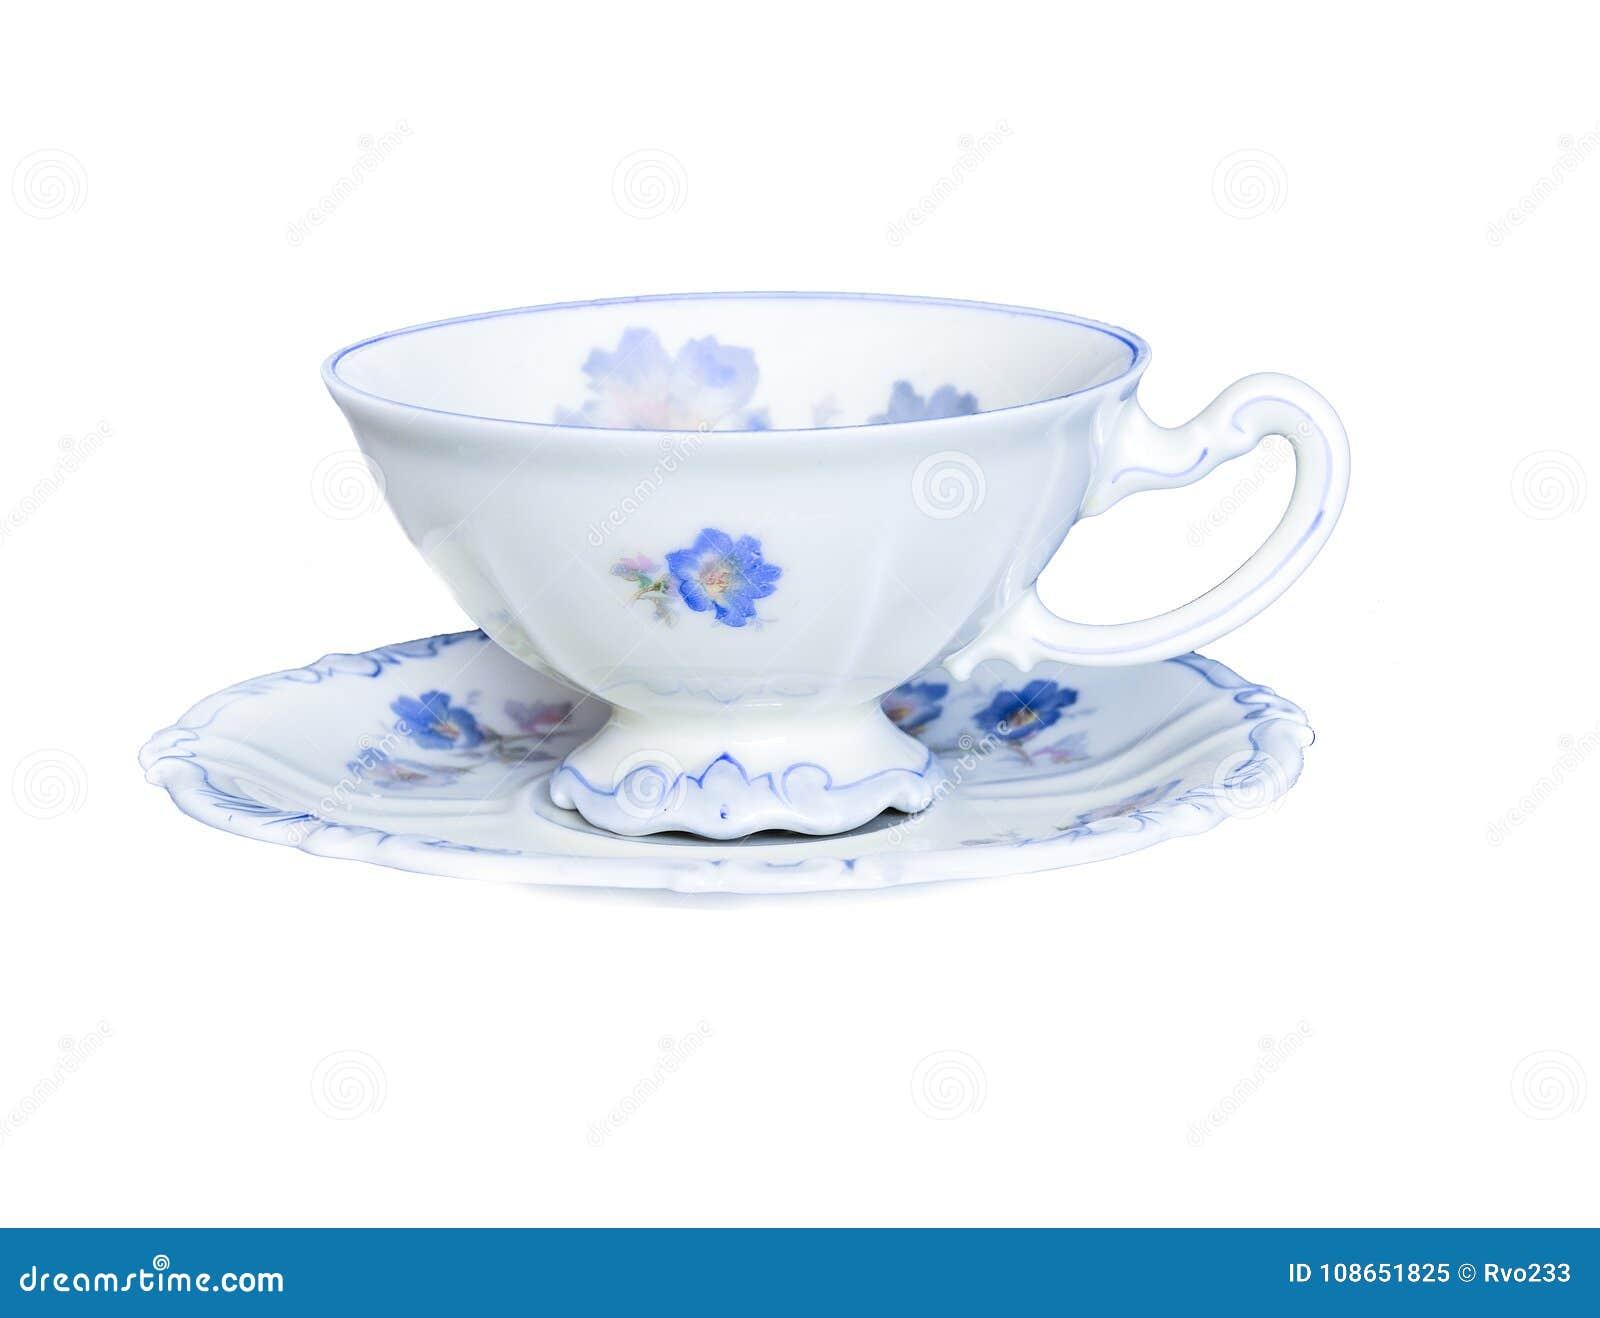 Elegante Porzellanteeschale auf der Untertasse lokalisiert auf weißem Hintergrund